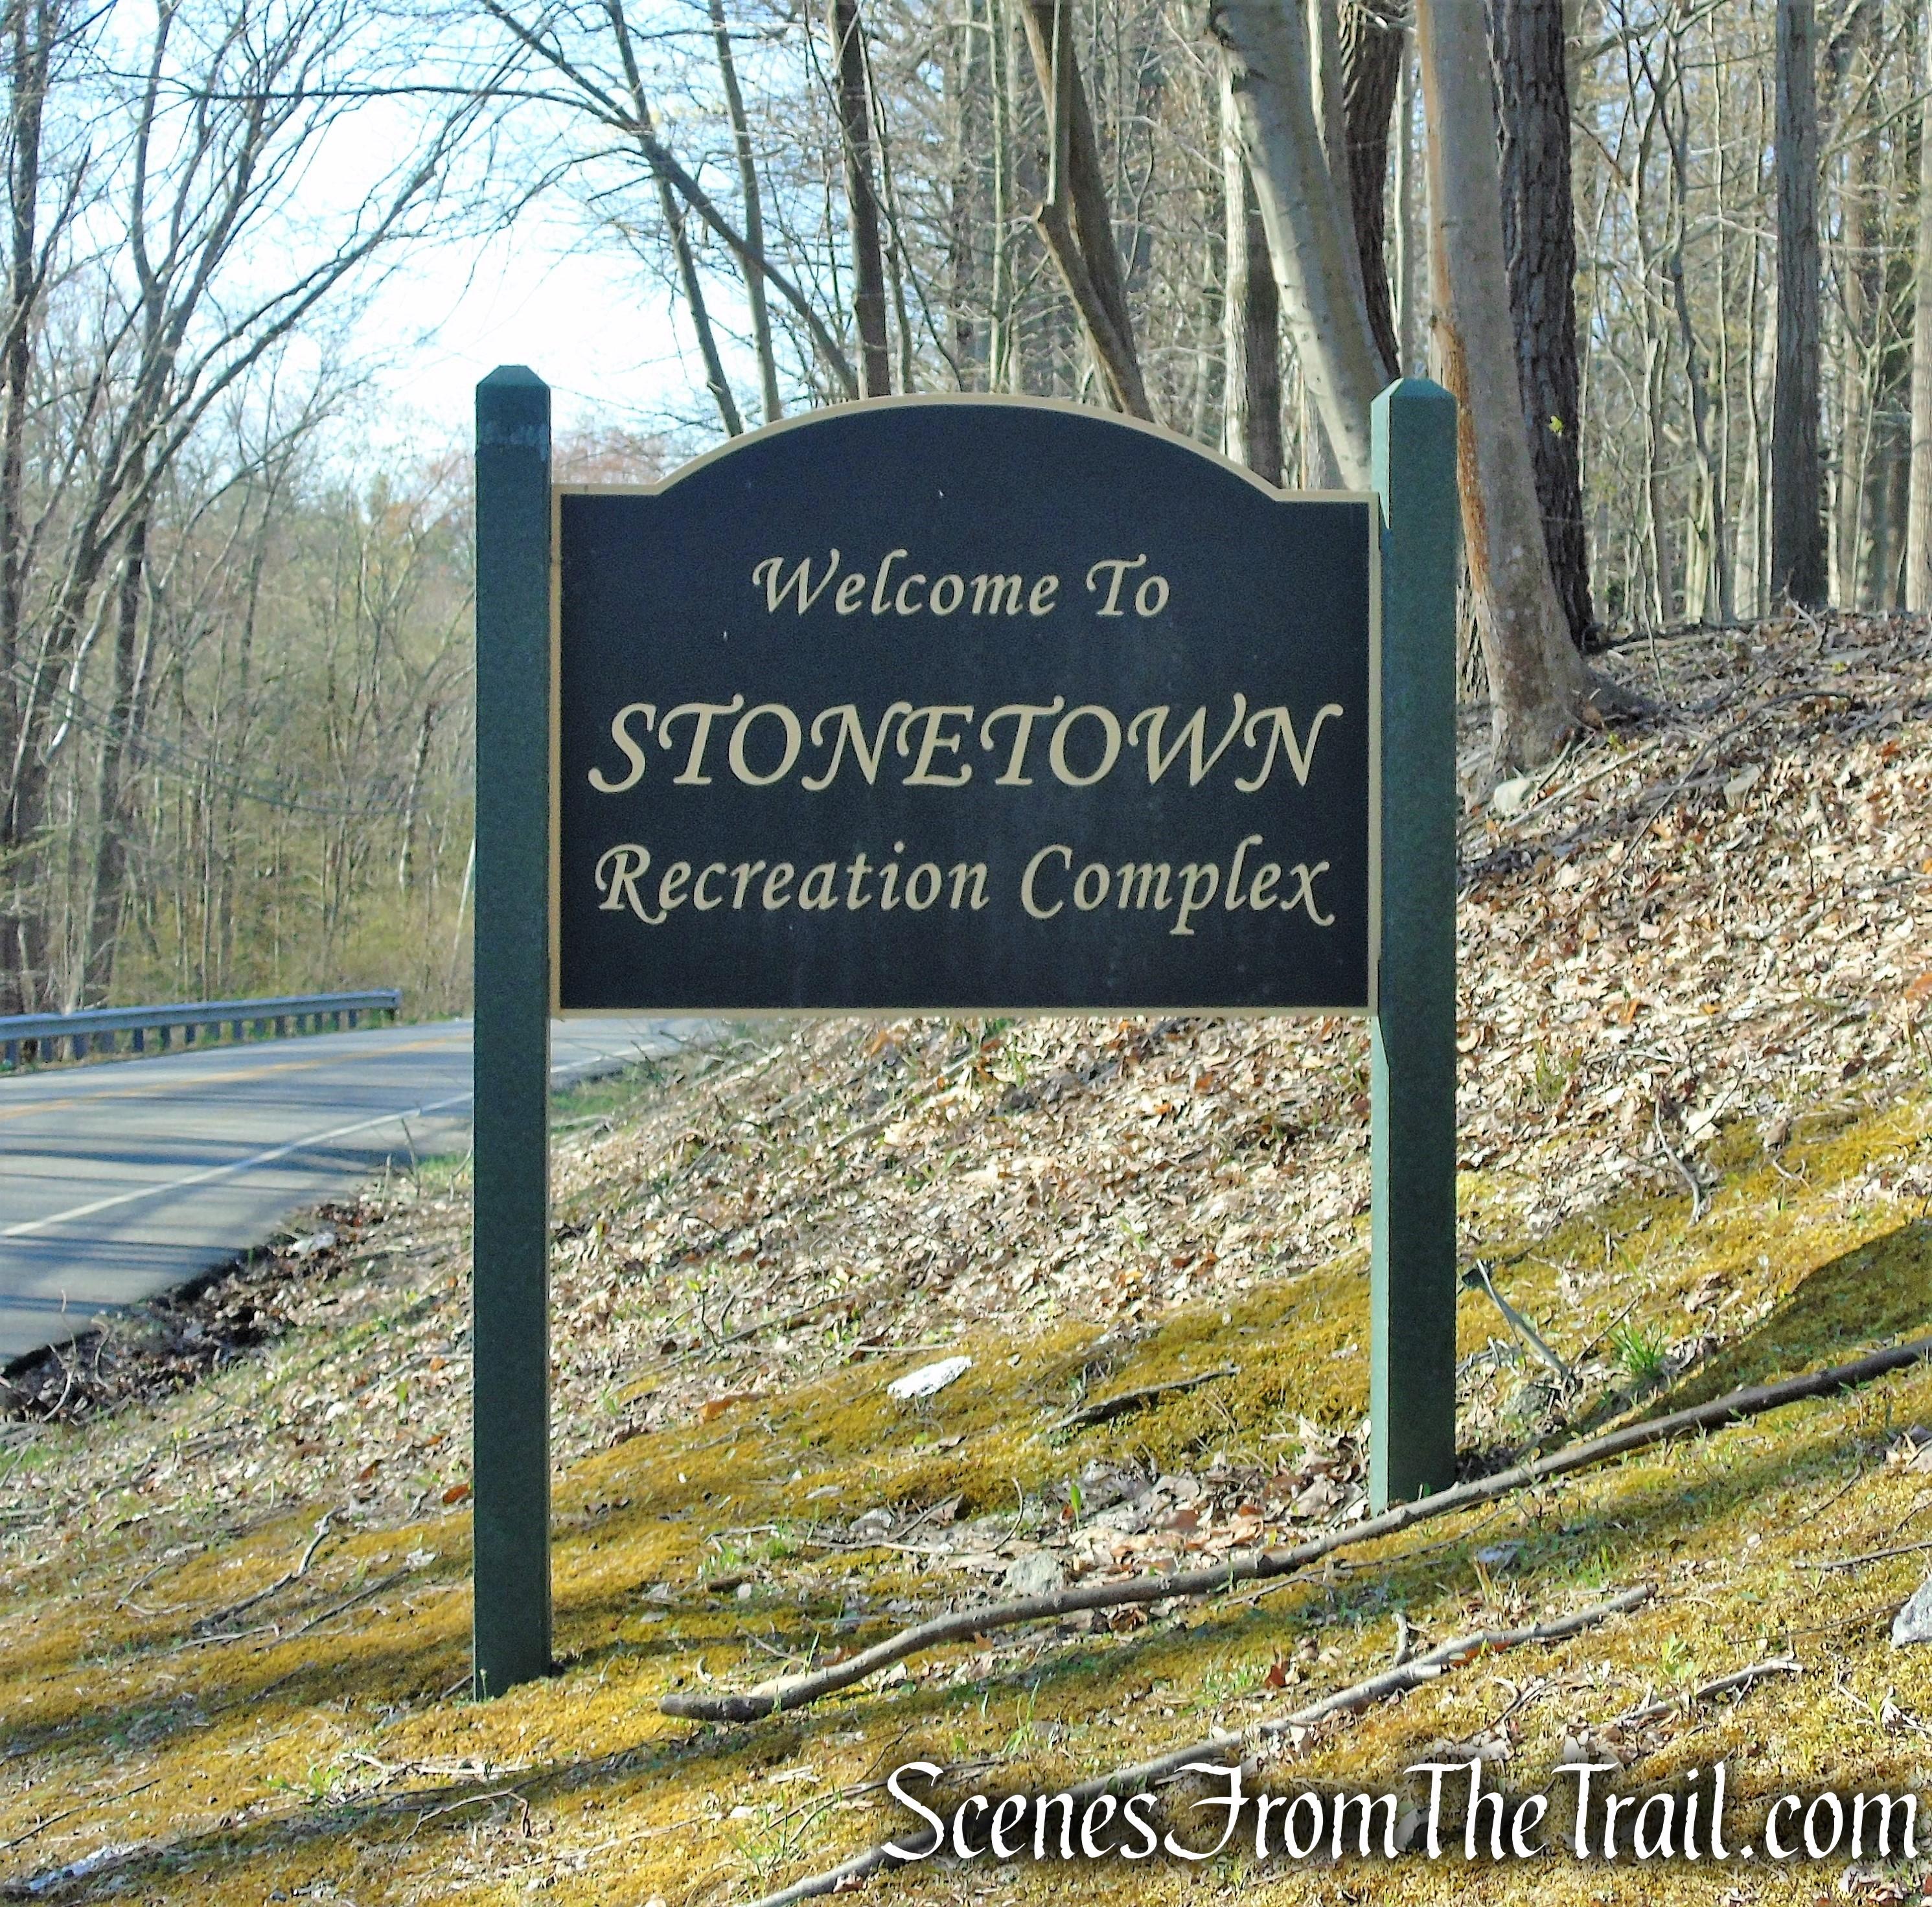 Stonetown Recreation Complex